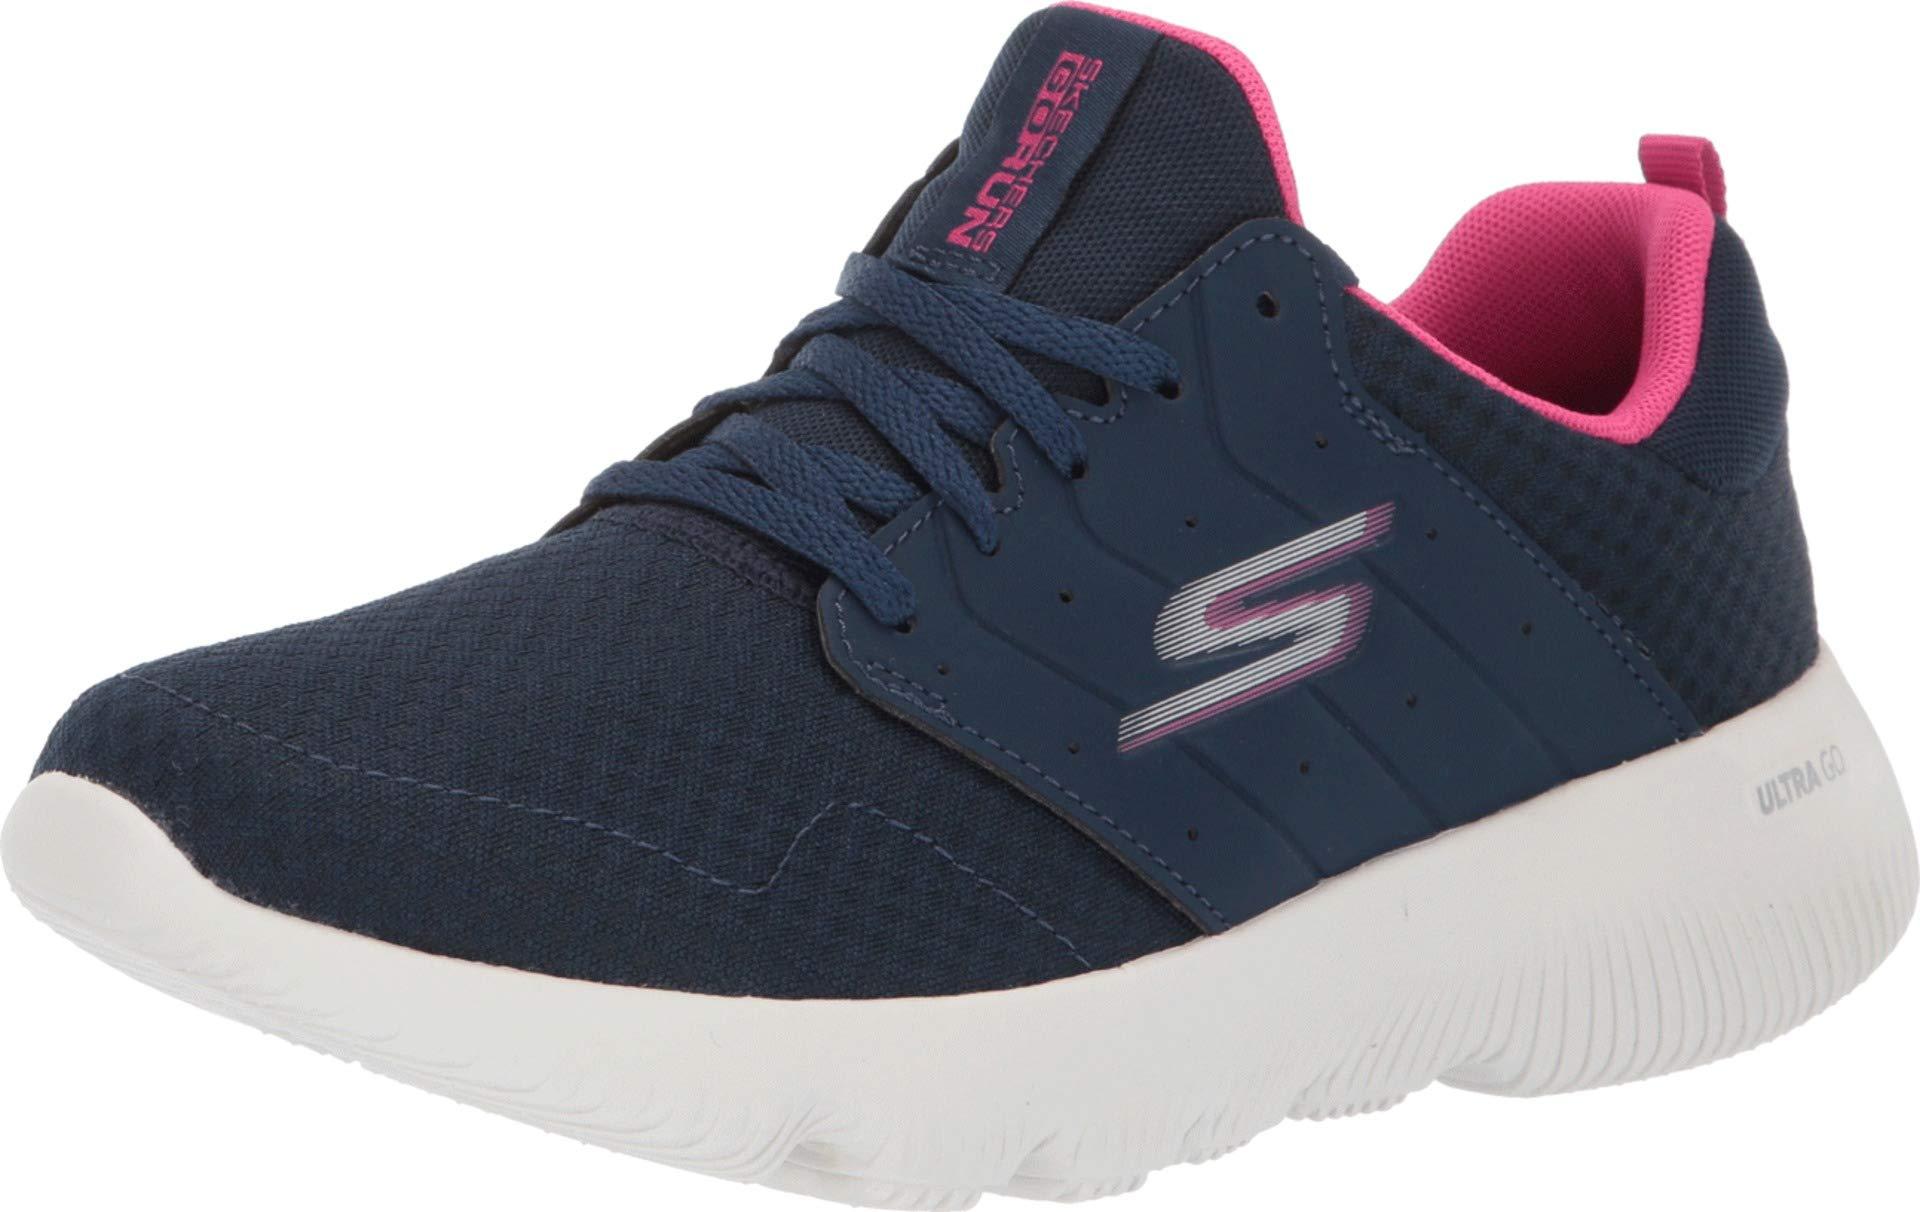 Skechers Women's Go Run Focus Navy/Hot Pink 5 B US